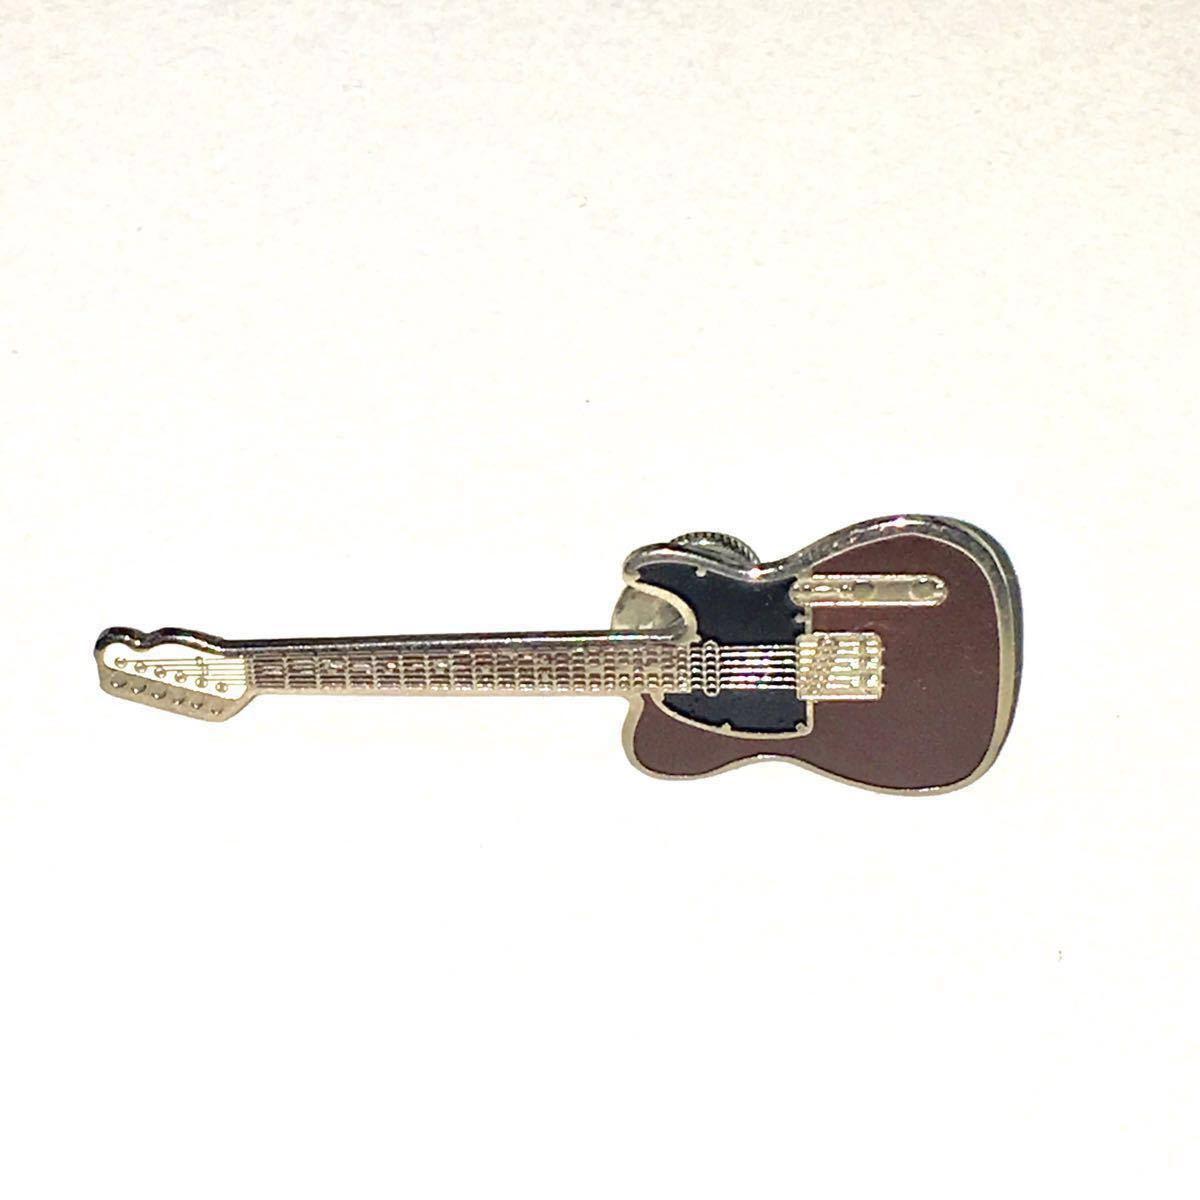 山下達郎 ピンバッジ ピンバッチ テレキャスター ギター Telecaster Fender